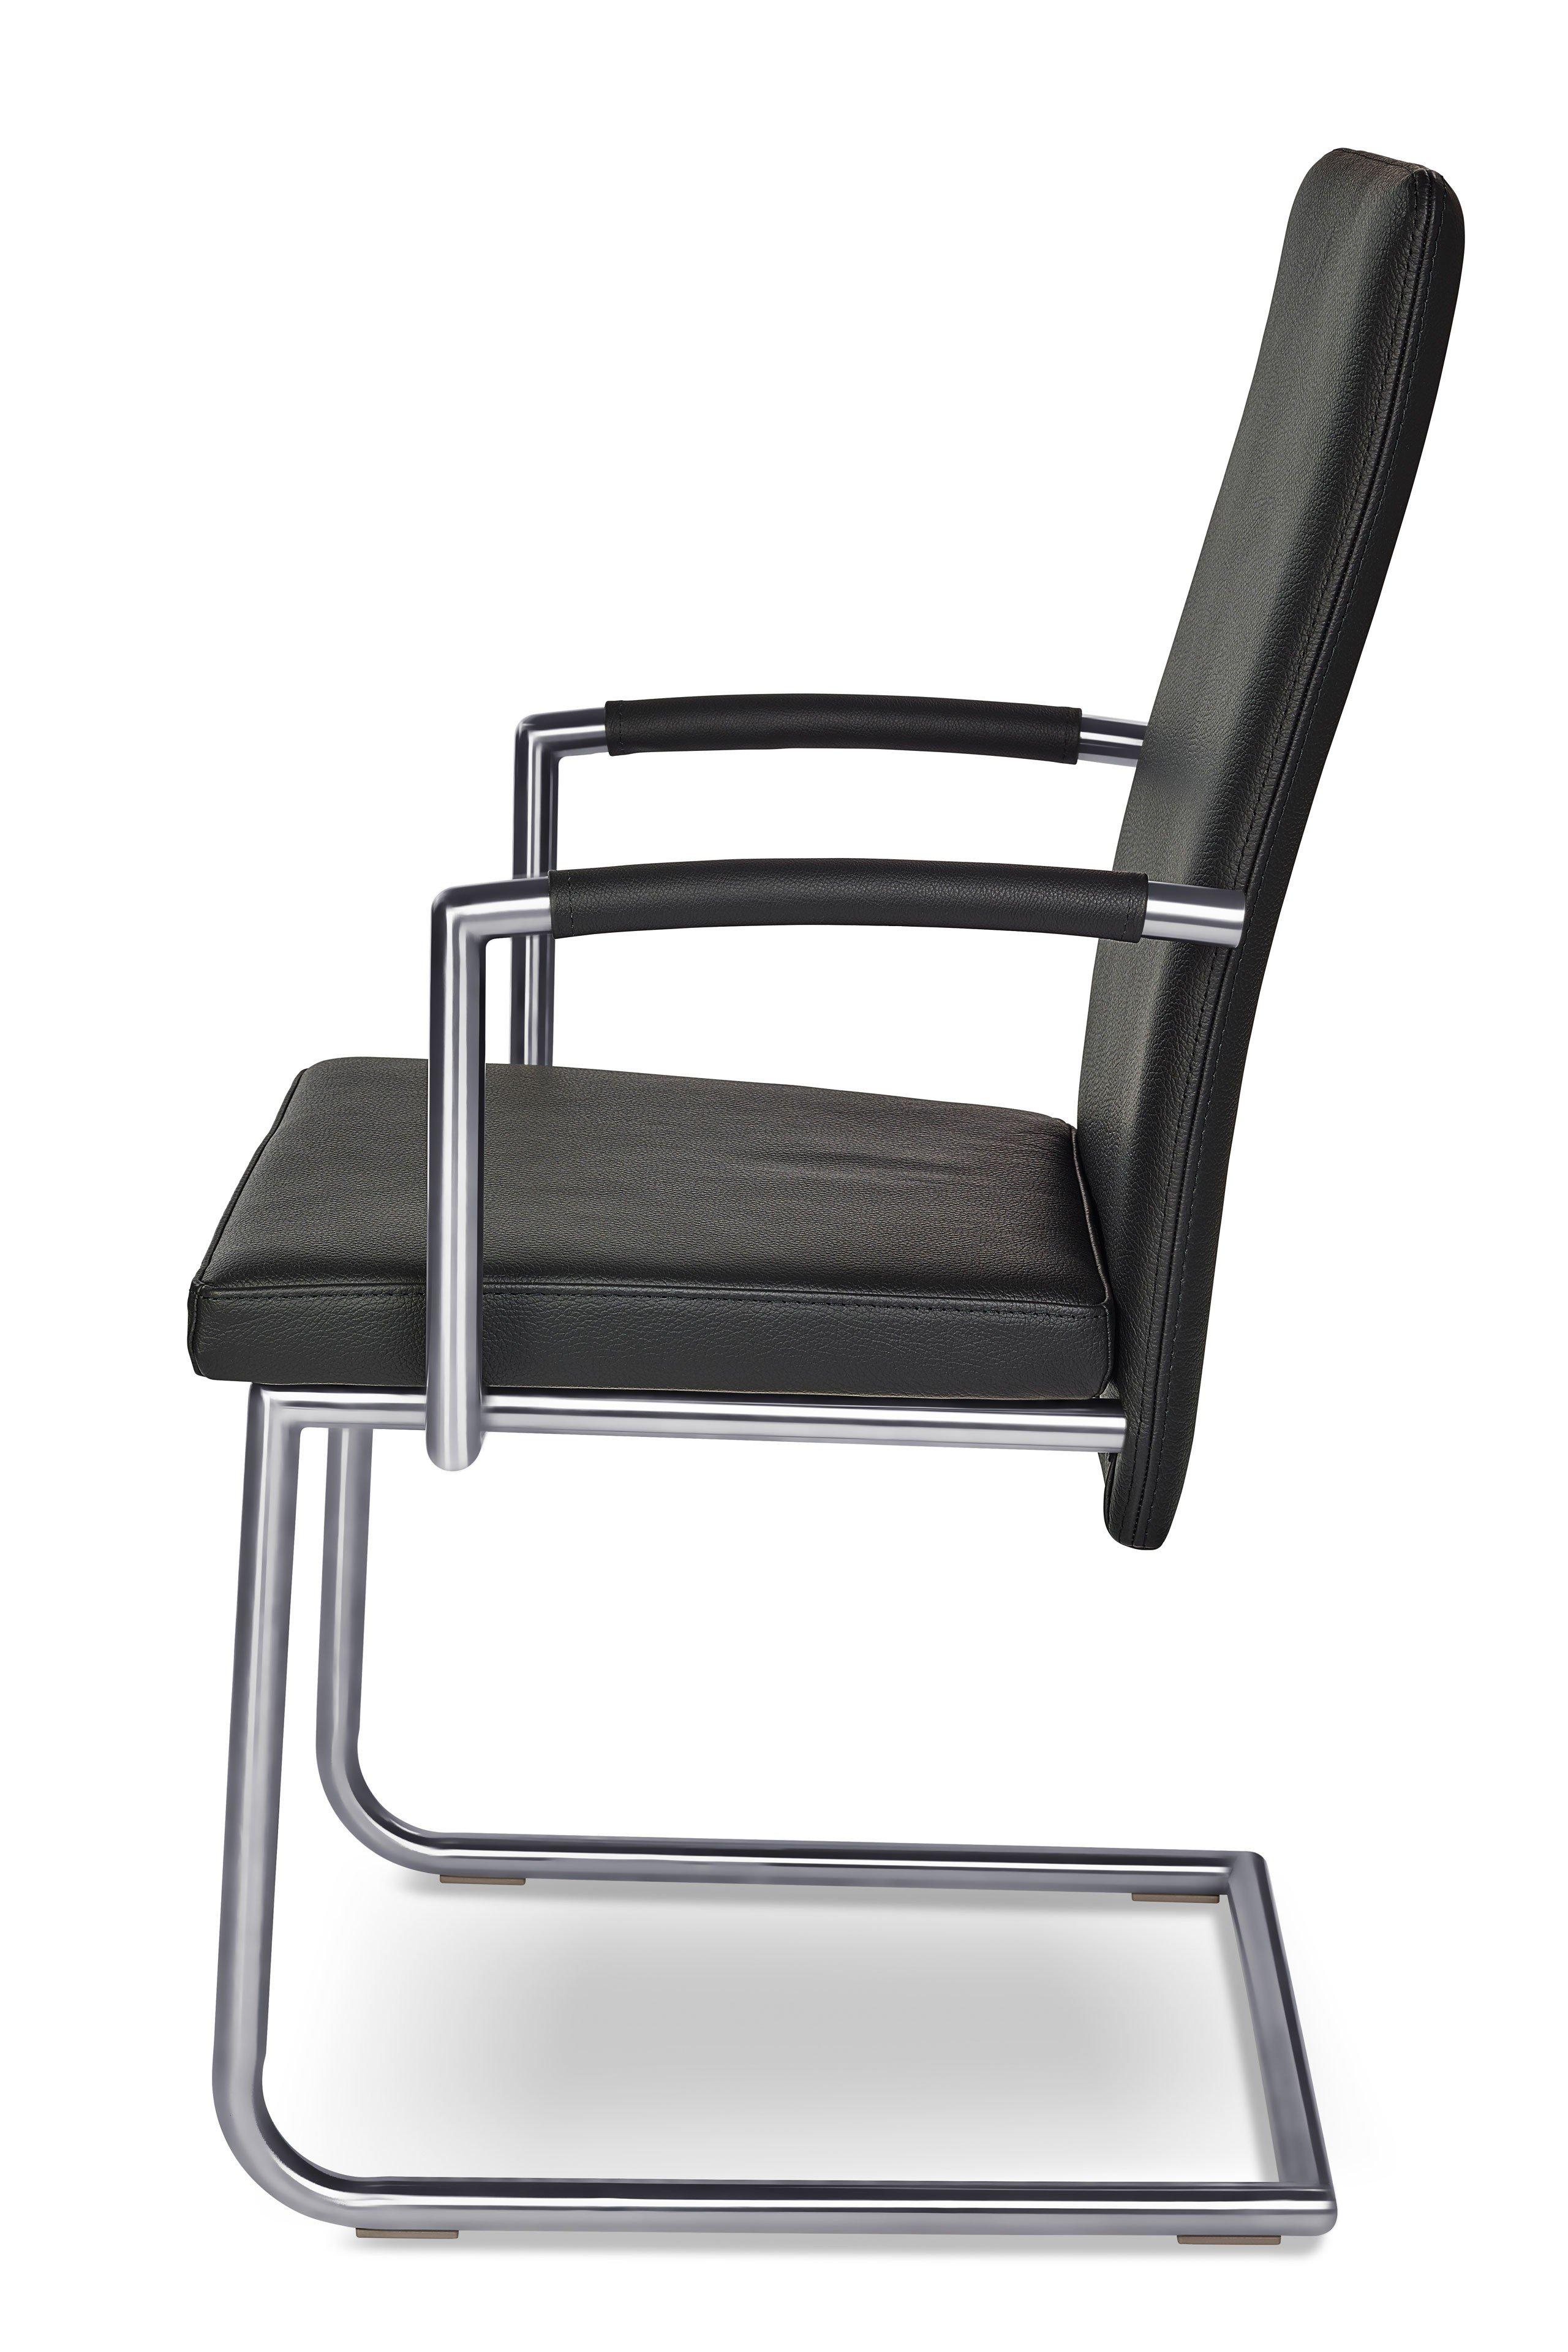 ronald schmitt stuhl rst 172 leder schwarz m bel letz ihr online shop. Black Bedroom Furniture Sets. Home Design Ideas